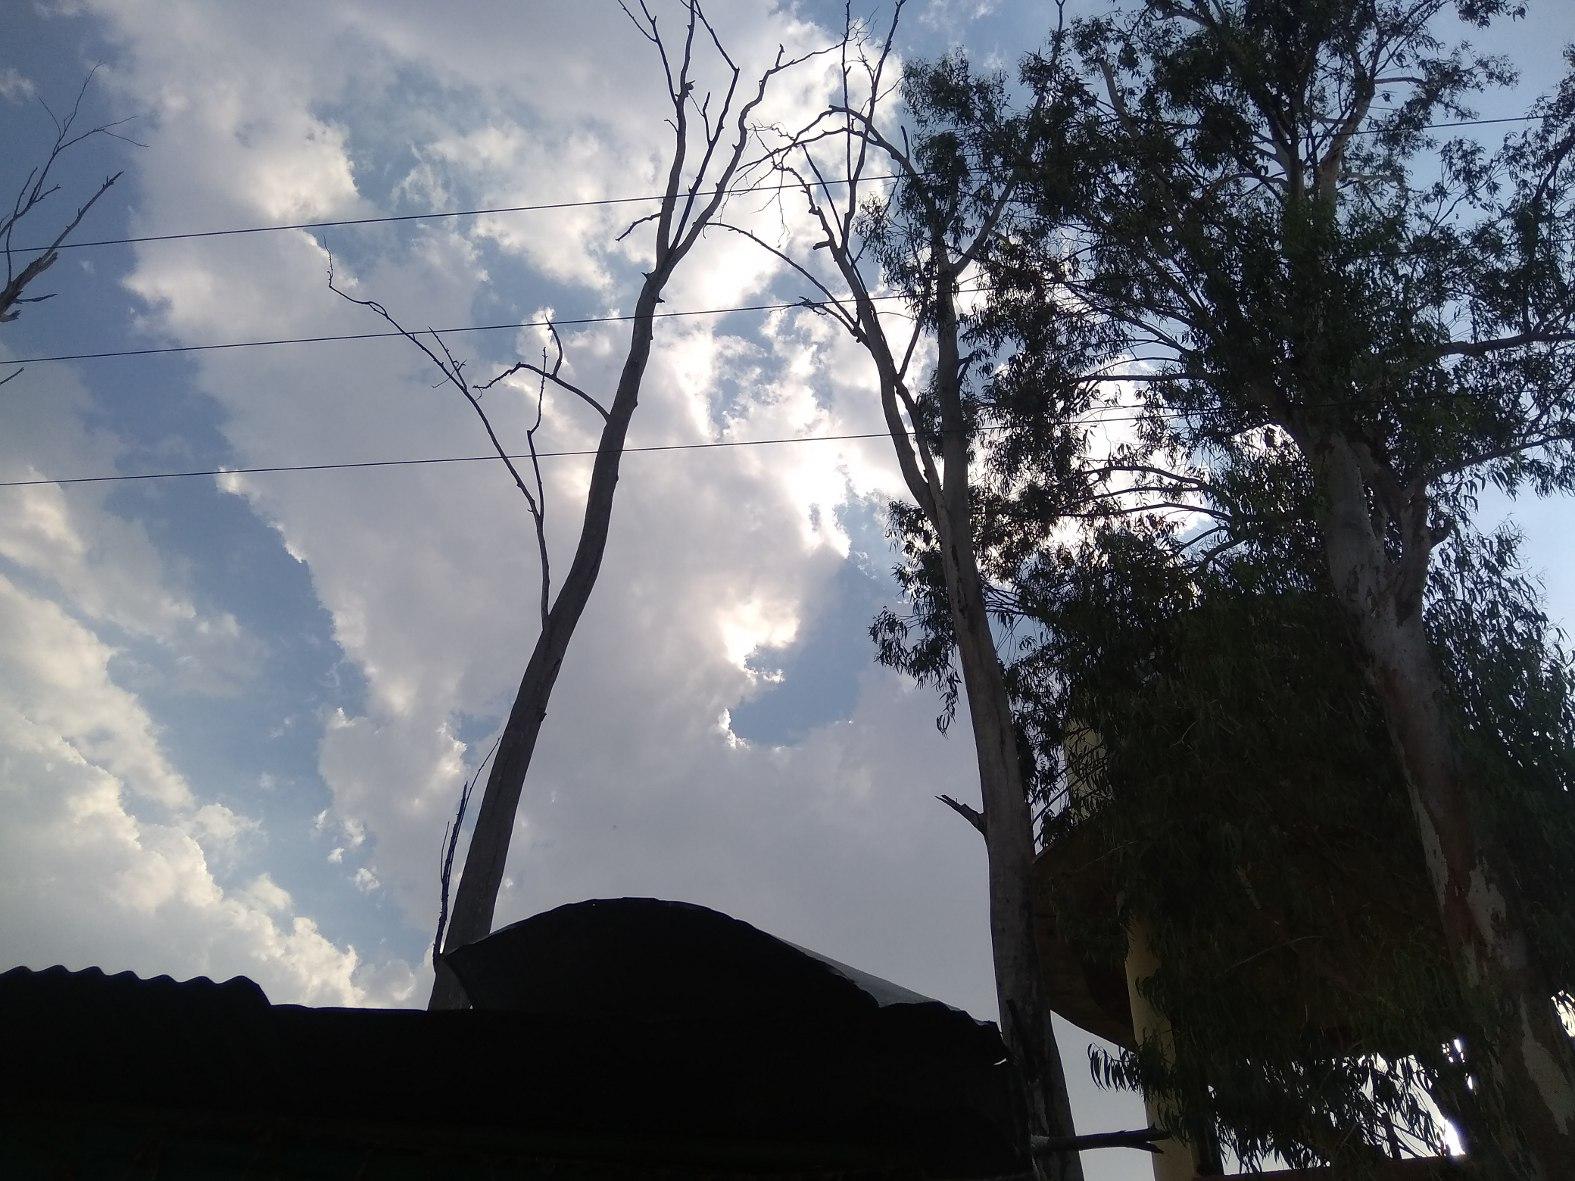 पेड़ों में उलझ रहे हाइटेंशन लाइन के तार